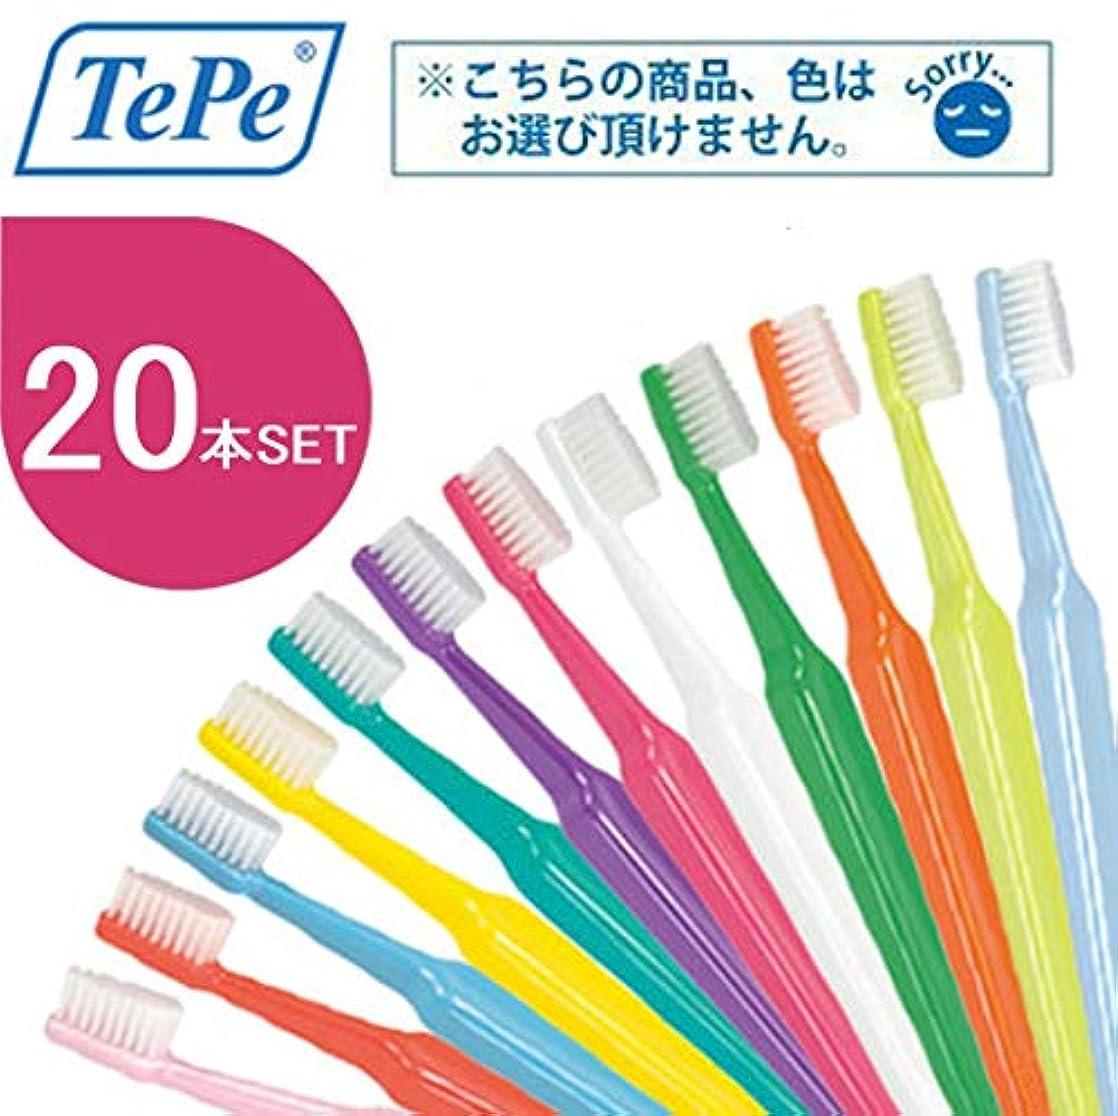 ミケランジェロアナウンサー太いクロスフィールド TePe テペ セレクト 歯ブラシ 20本 (エクストラソフト)